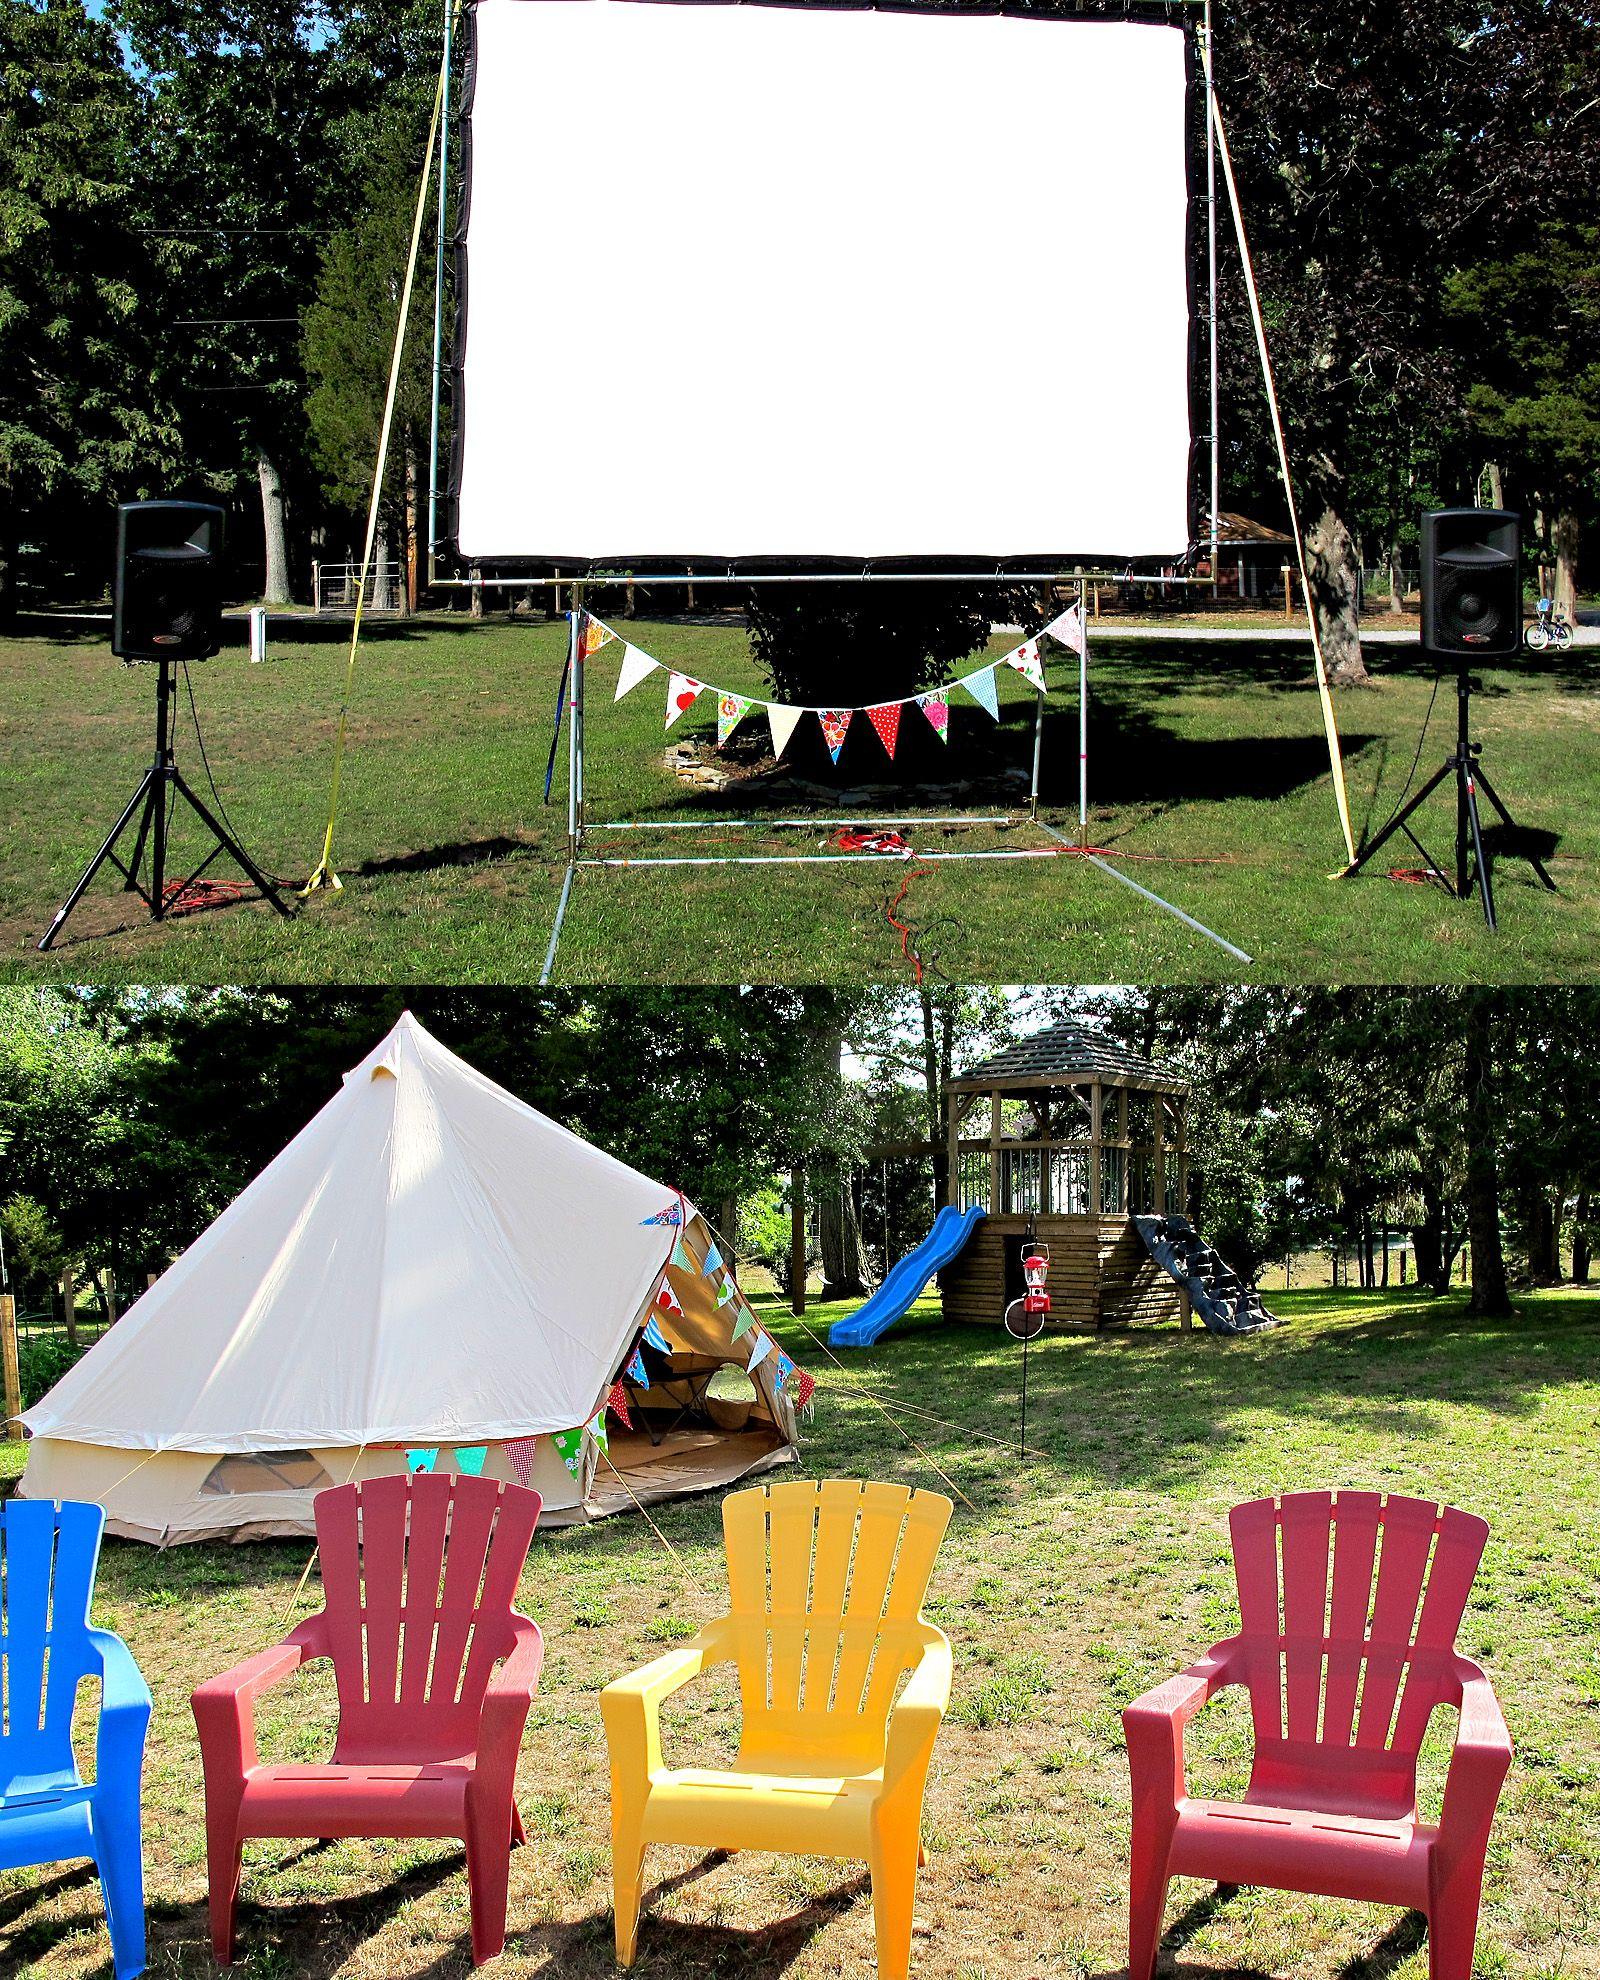 Movie Night By Suburban Camping Co. Outdoor Movie, Movie